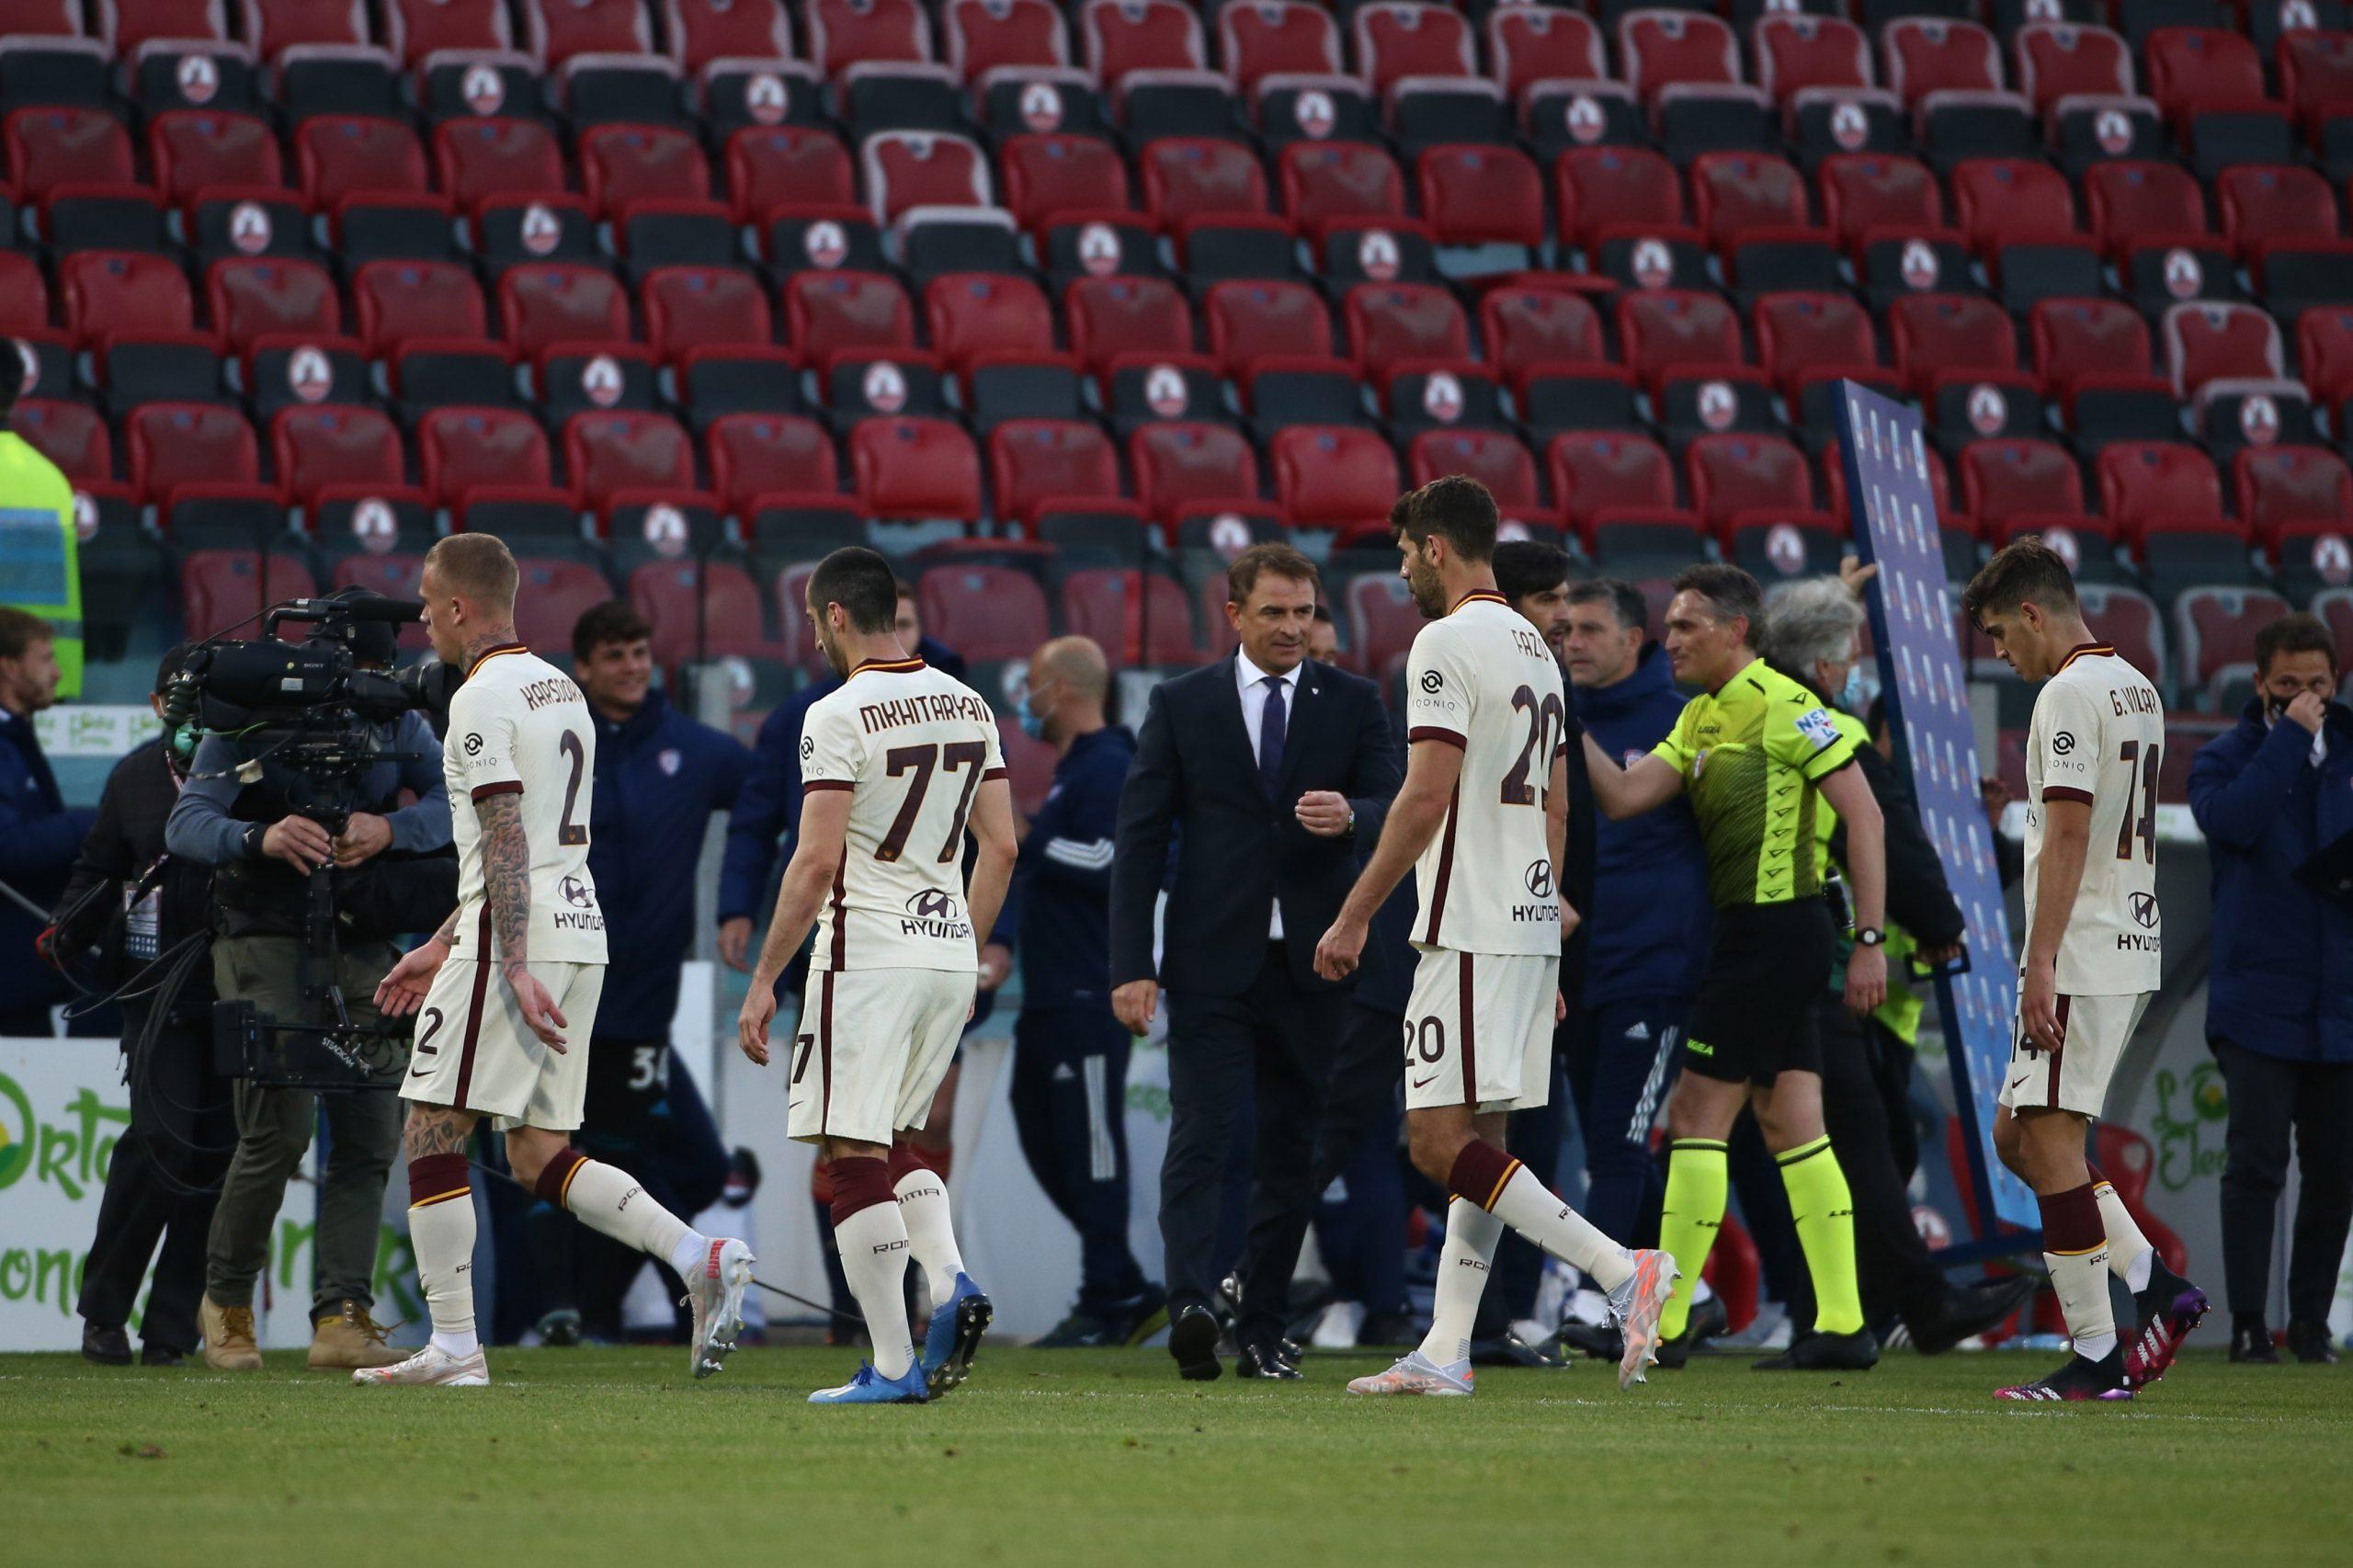 La Roma esce sconfitta a Cagliari: 3-2 per i sardi